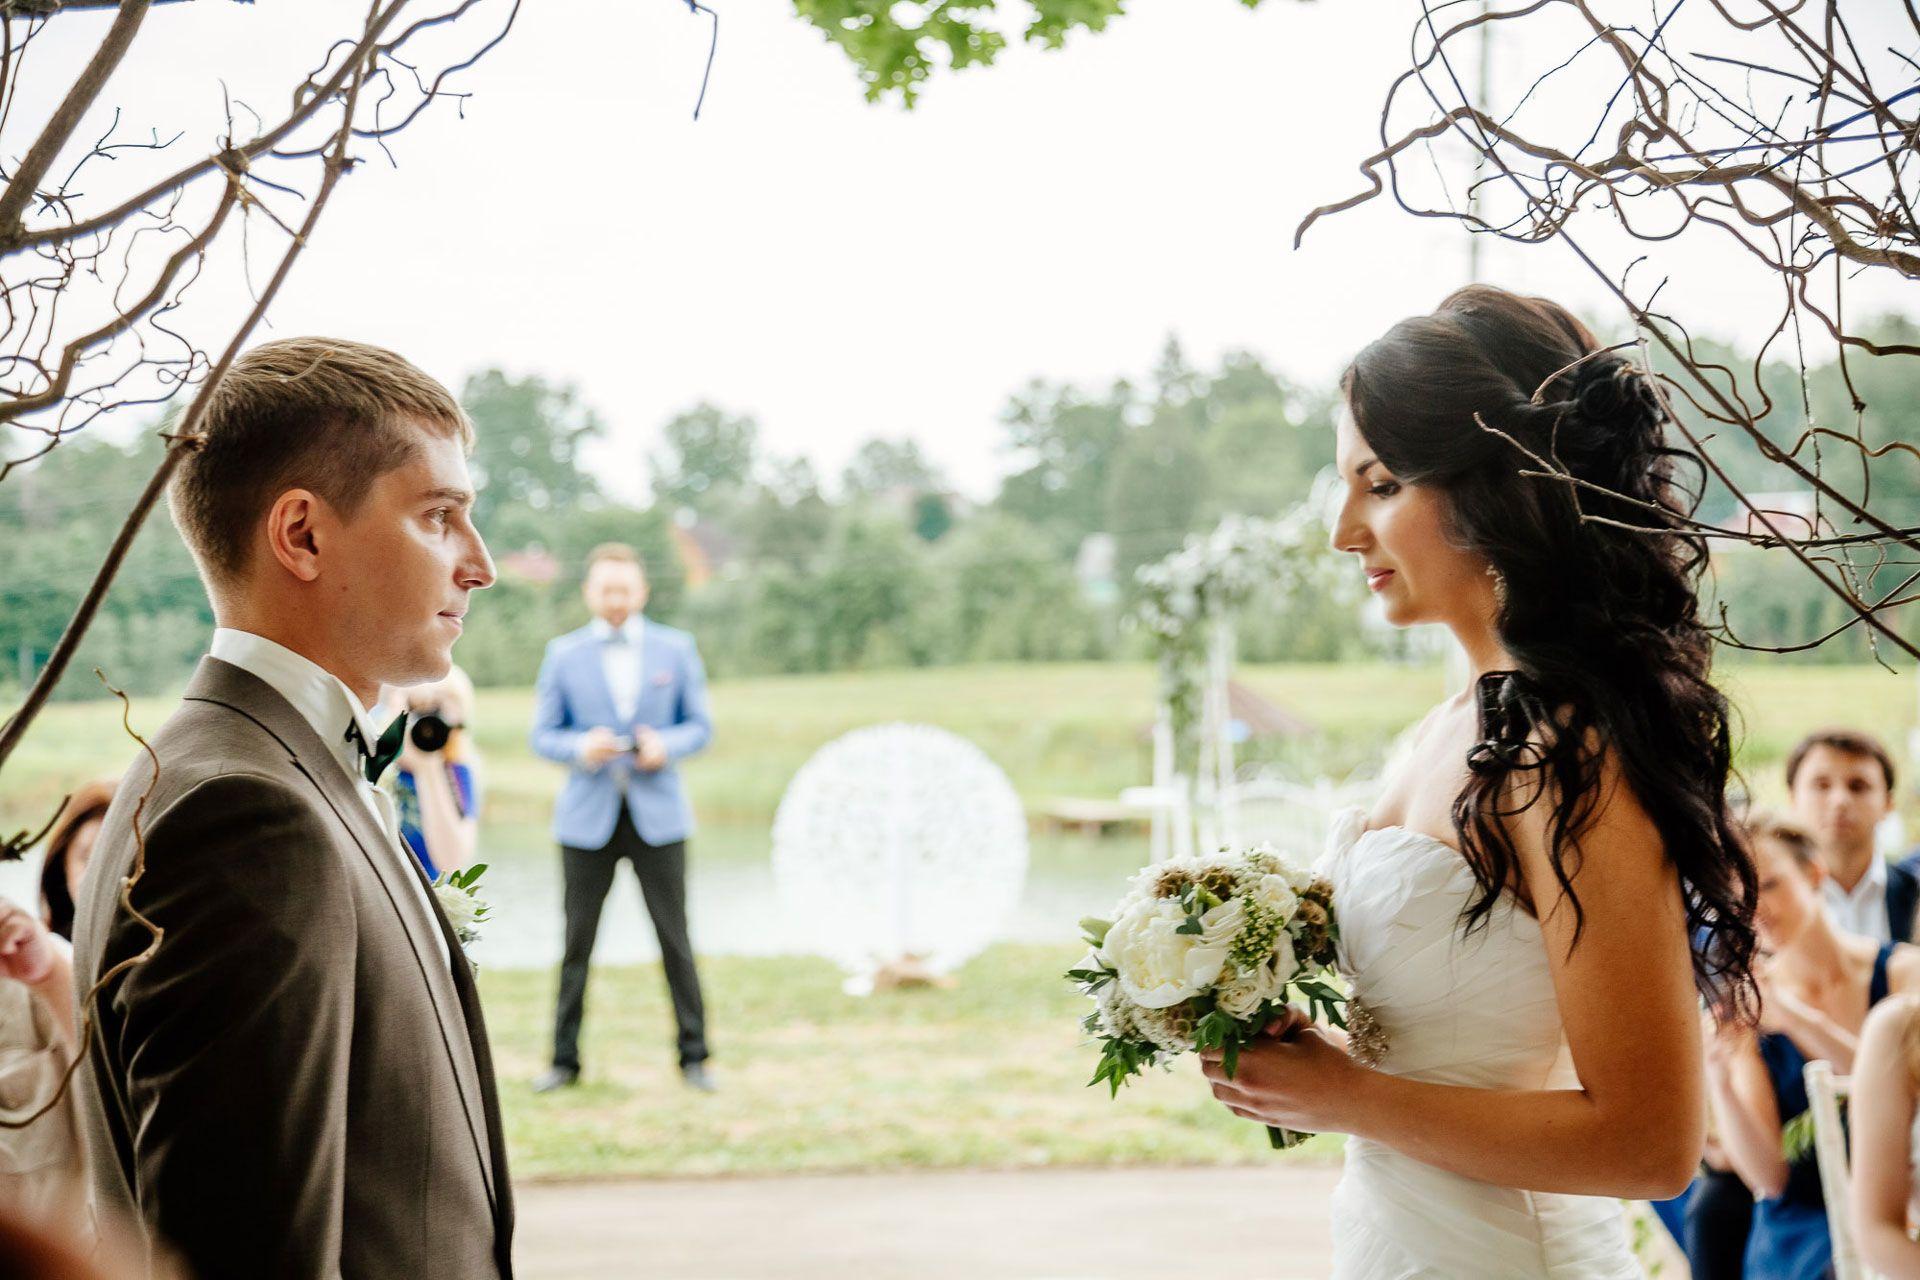 Ведущий Дмитрий Бабаев: «Успех свадьбы зависит от гостей» фото 2